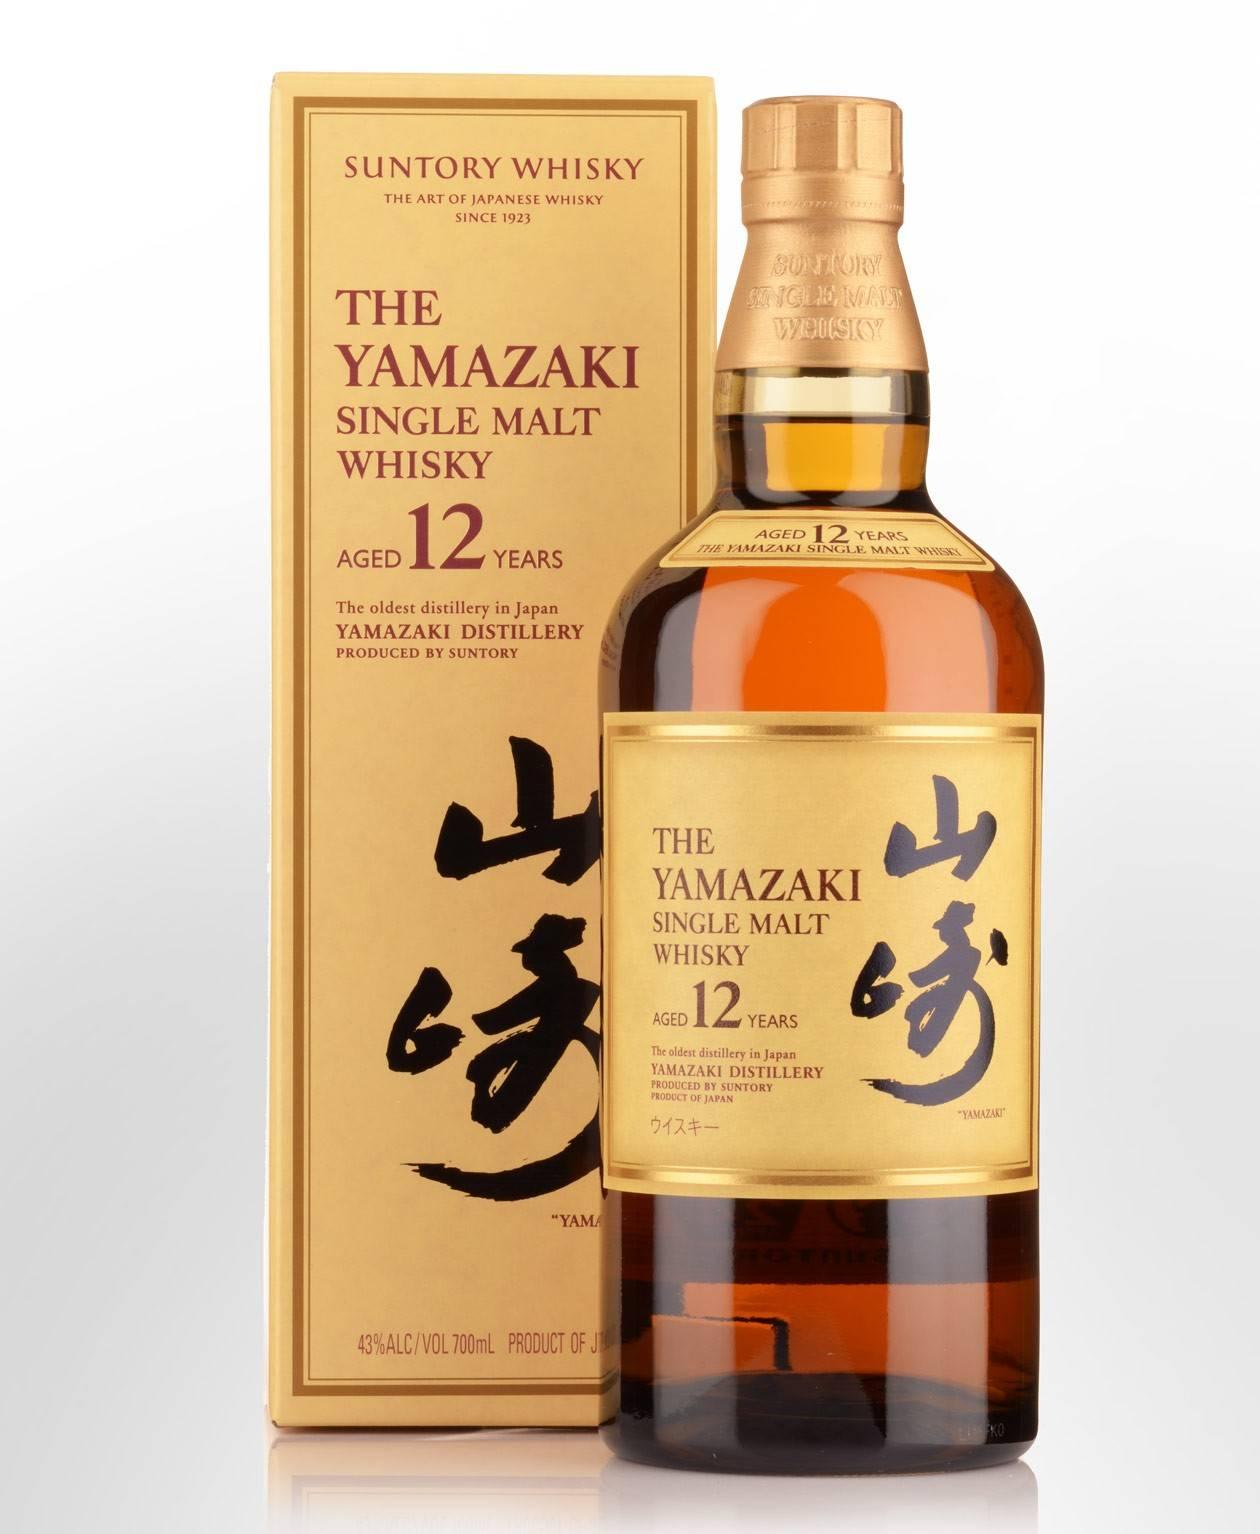 Suntory (сантори) — история, особенности и виды японского виски